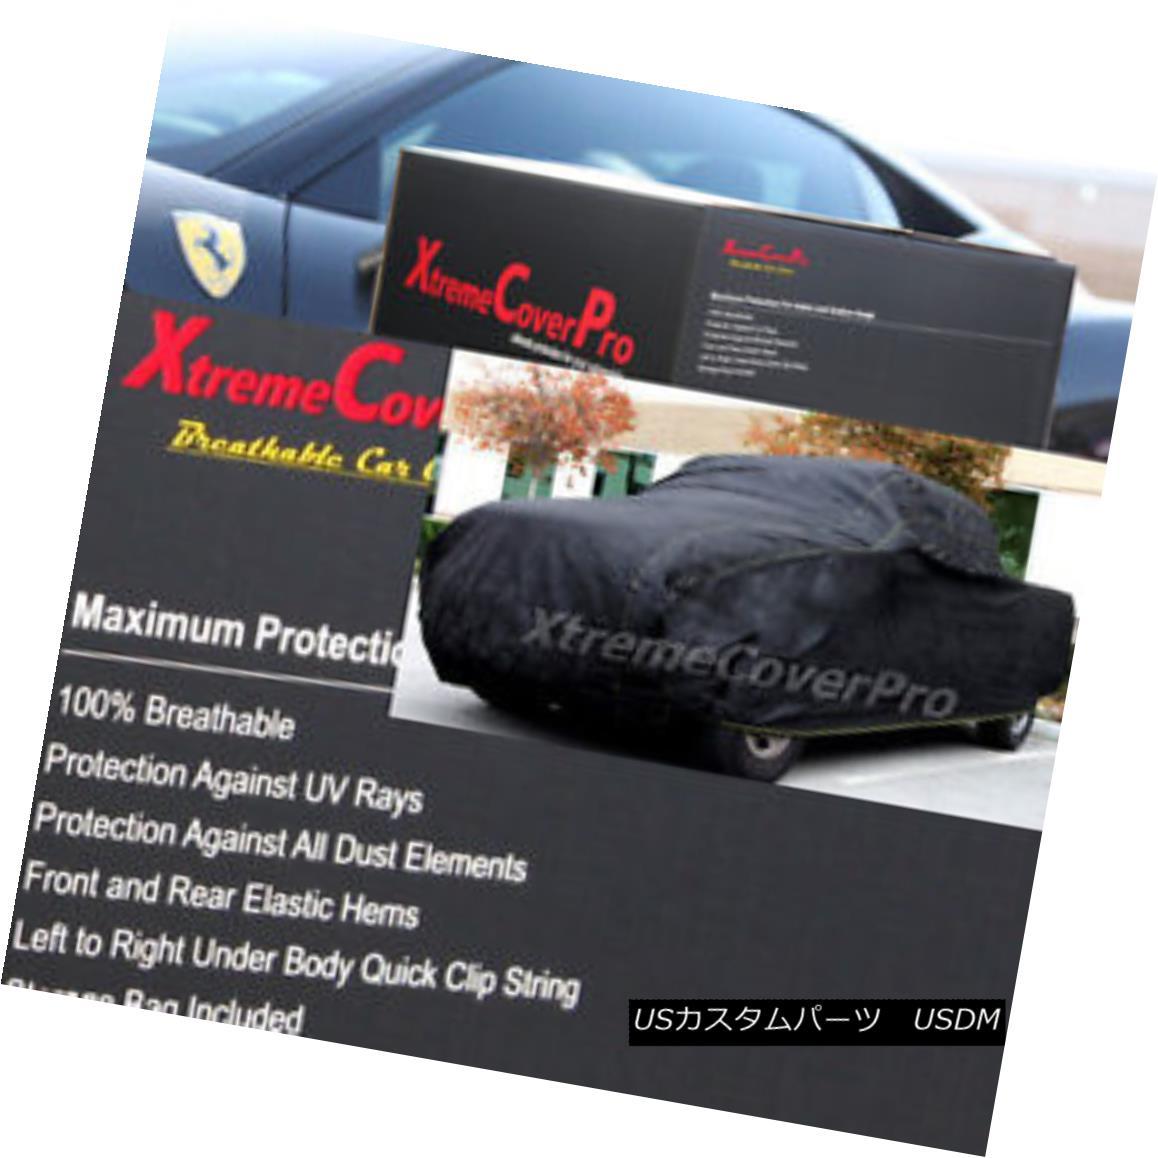 カーカバー 2007 2008 2009 GMC Sierra 1500 Reg Cab 6.5ft Bed Breathable Truck Cover 2007年2008年2009年GMC Sierra 1500 Regキャブ6.5ftベッド通気性トラックカバー